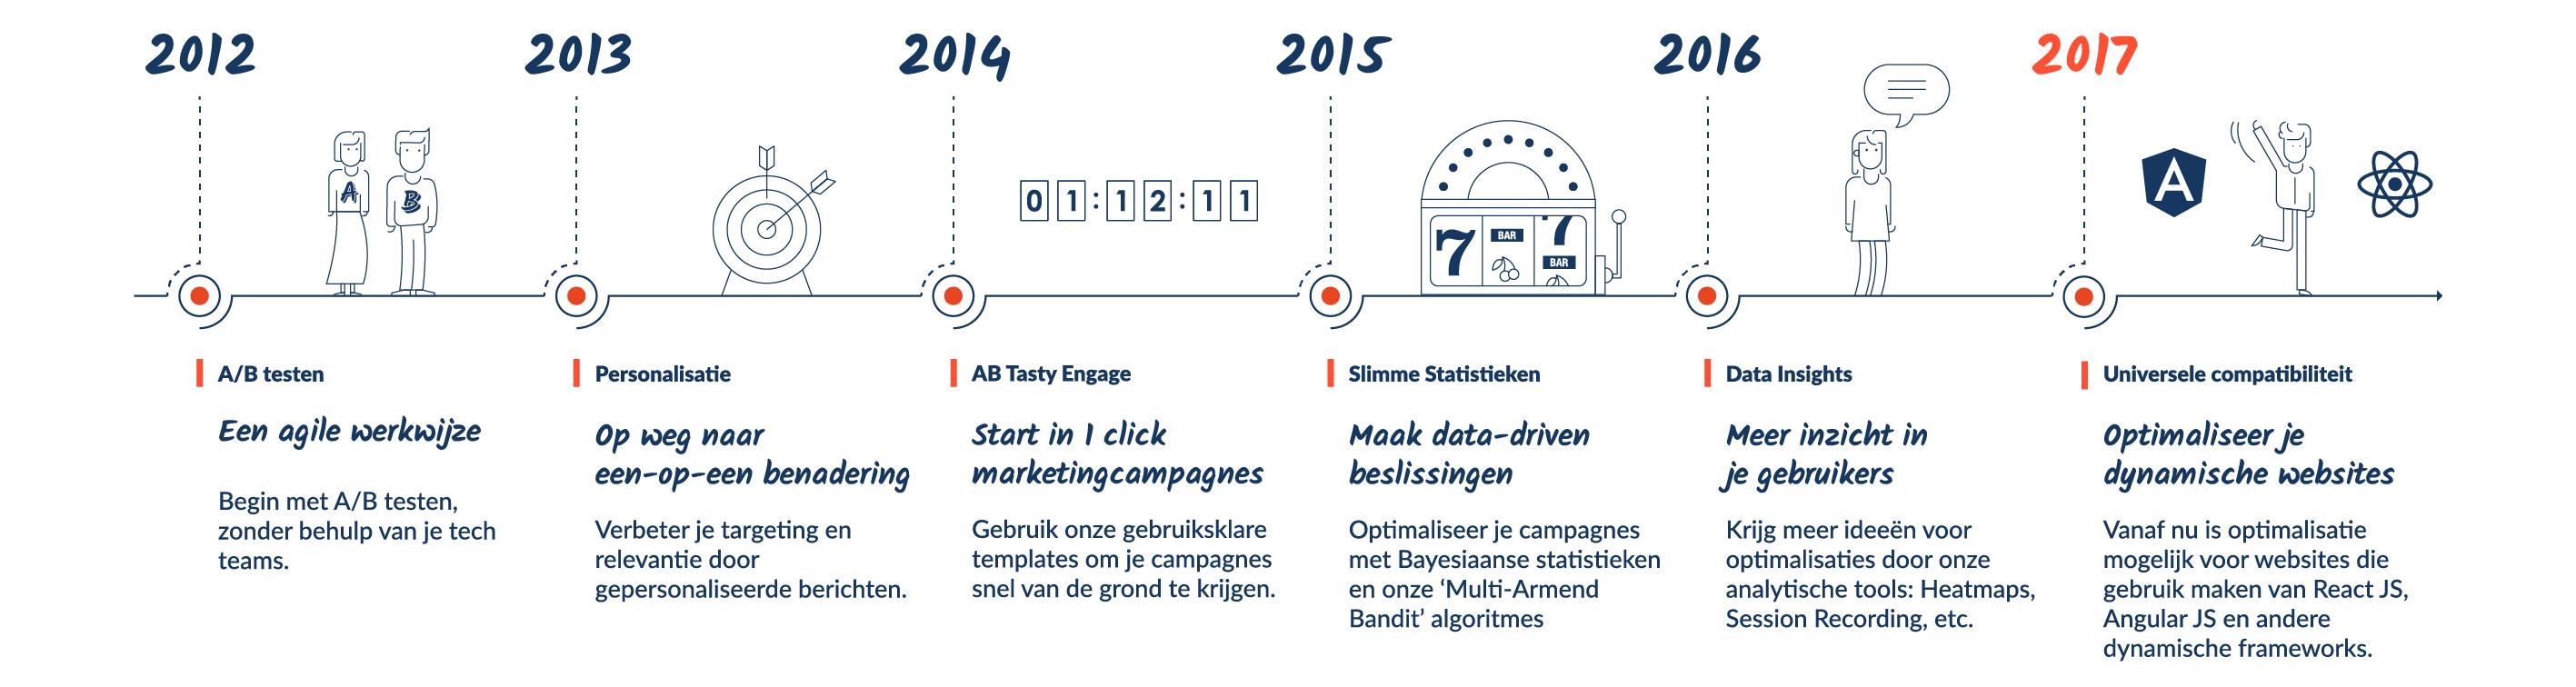 Timeline - NL